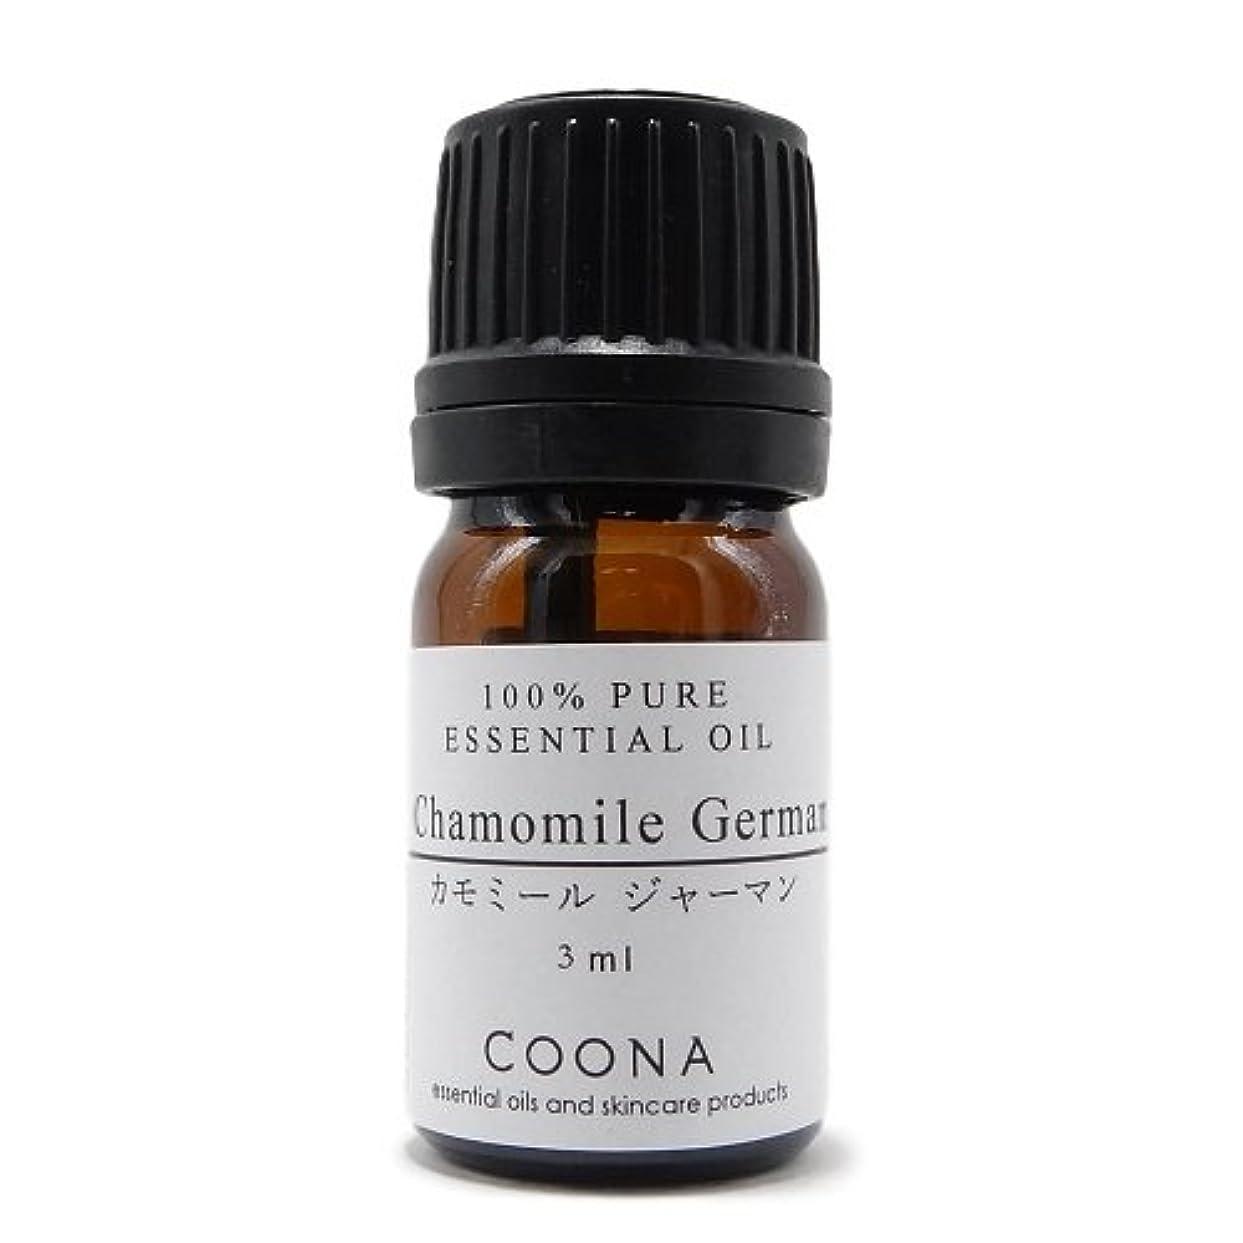 異常電卓肯定的カモミール ジャーマン 3 ml (COONA エッセンシャルオイル アロマオイル 100% 天然植物精油)